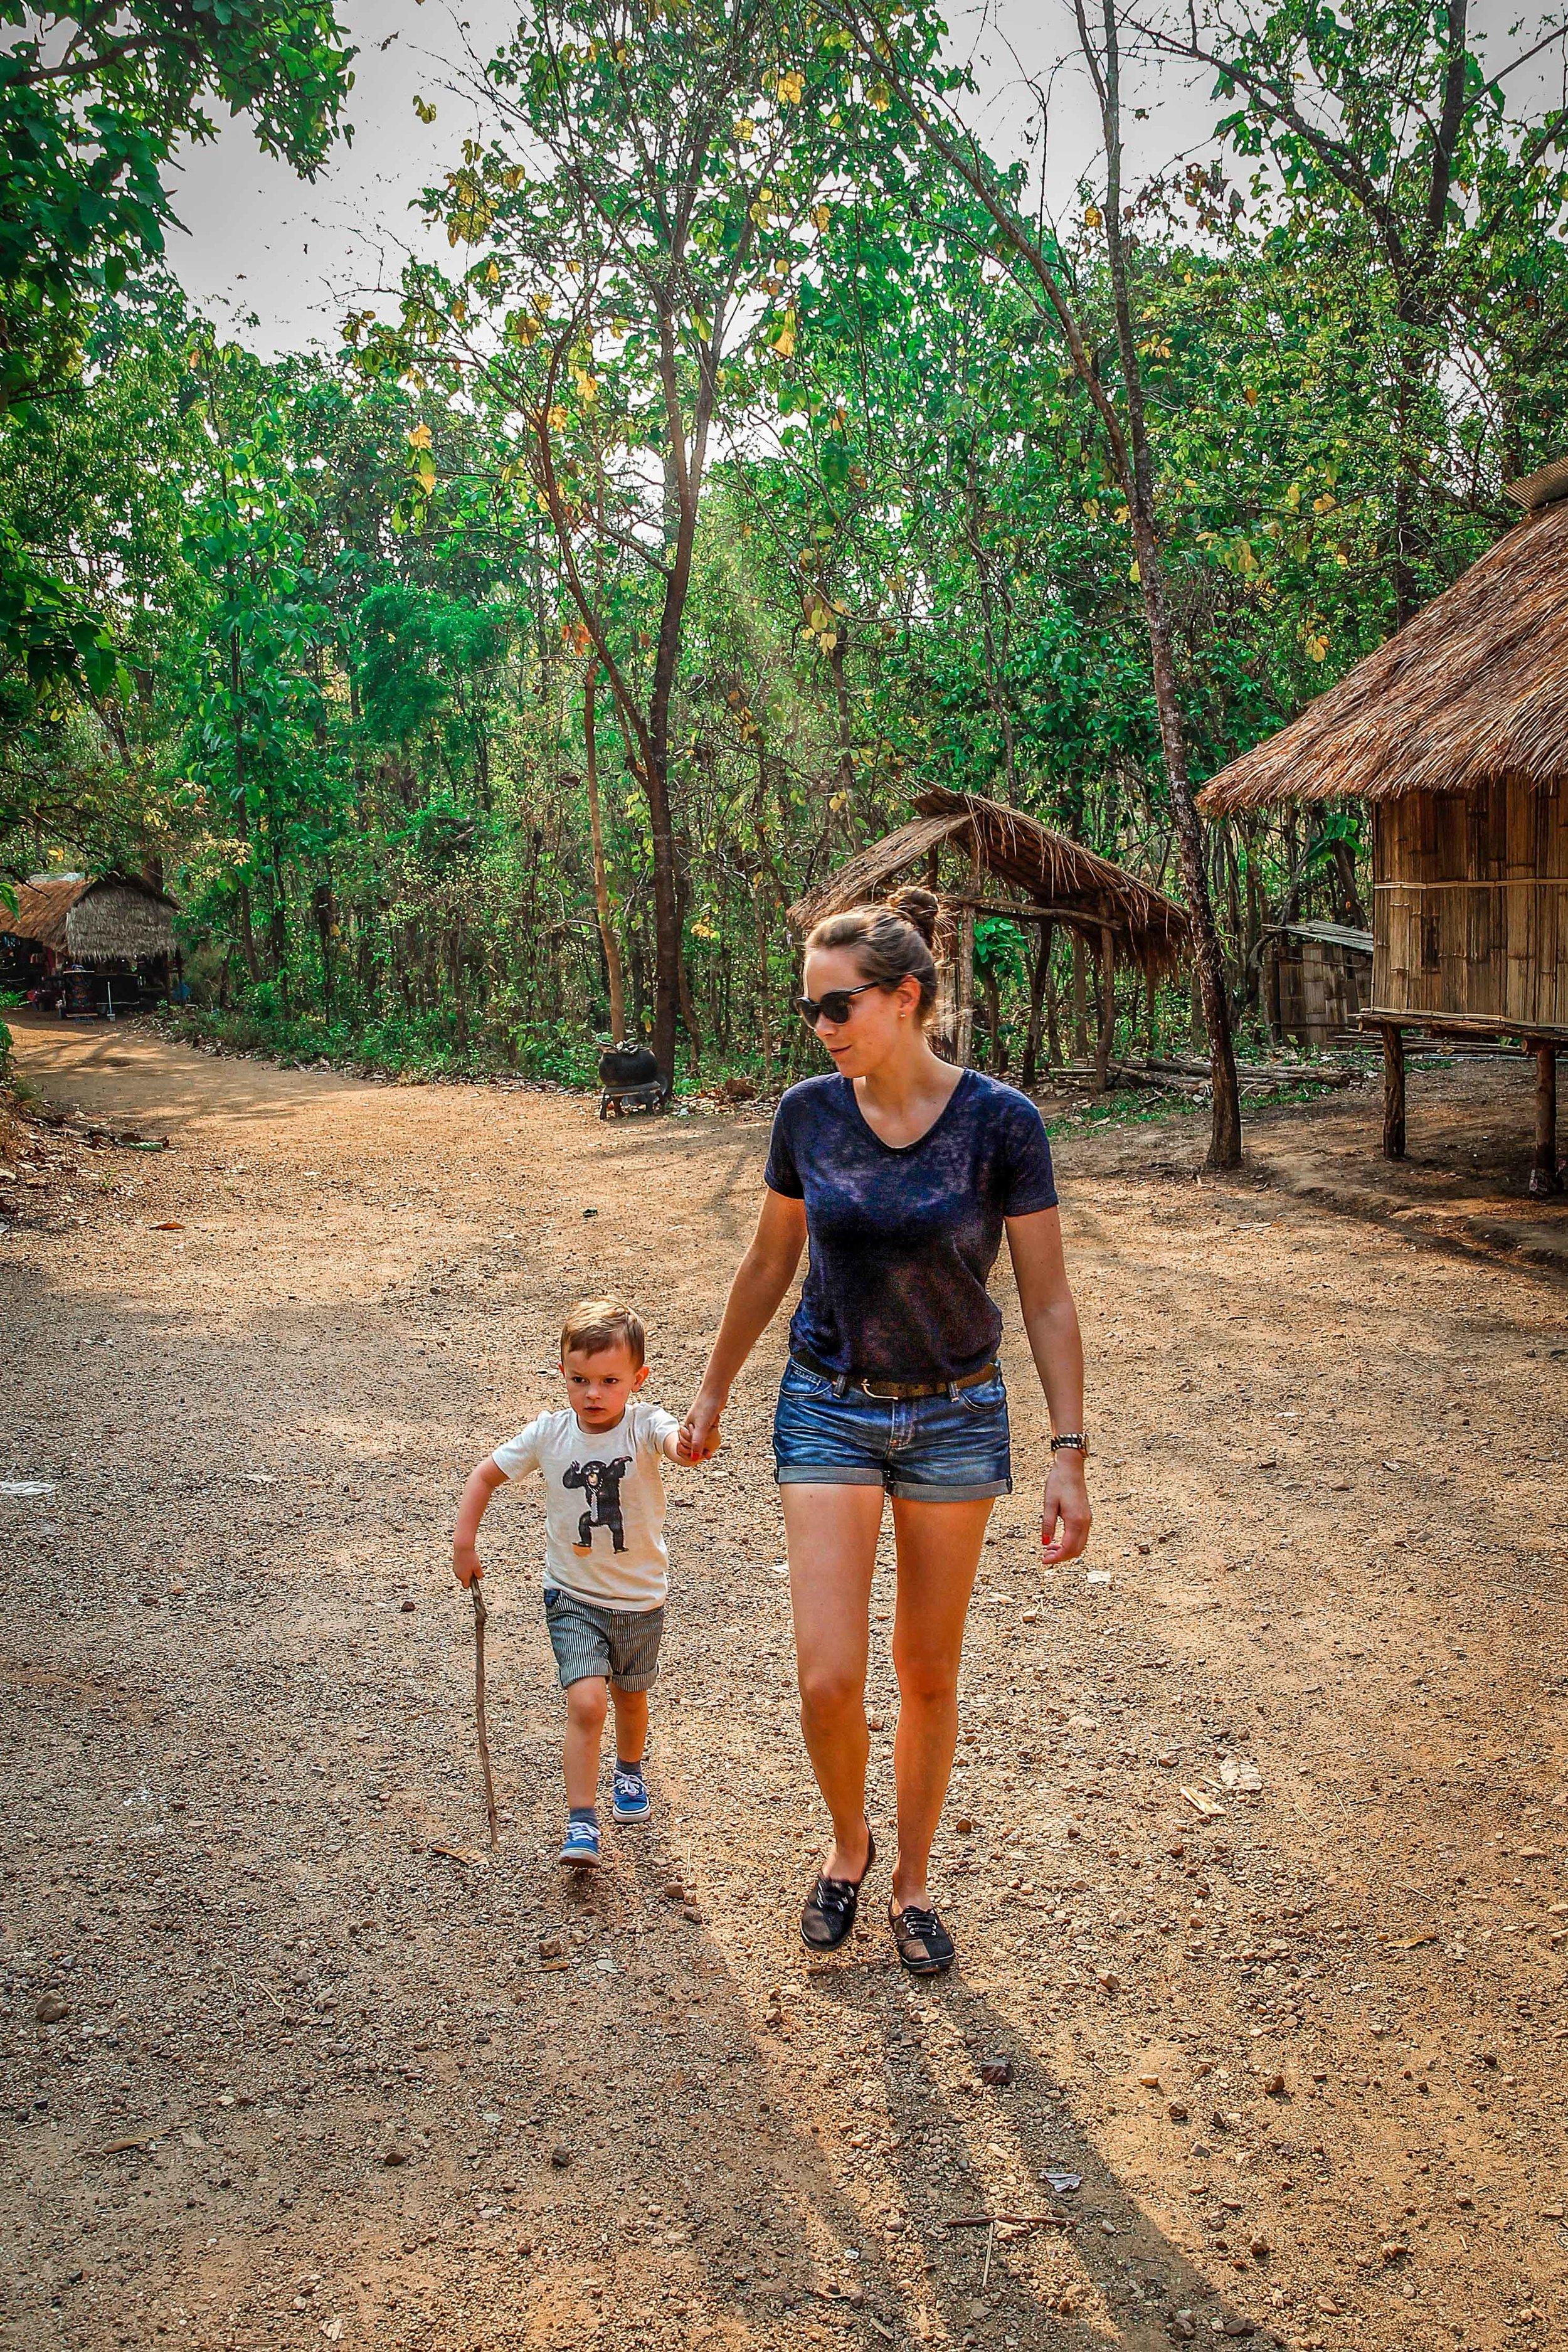 Thailand_Chiangmai_Reizen_met_kinderen_noord (52 van 97).jpg